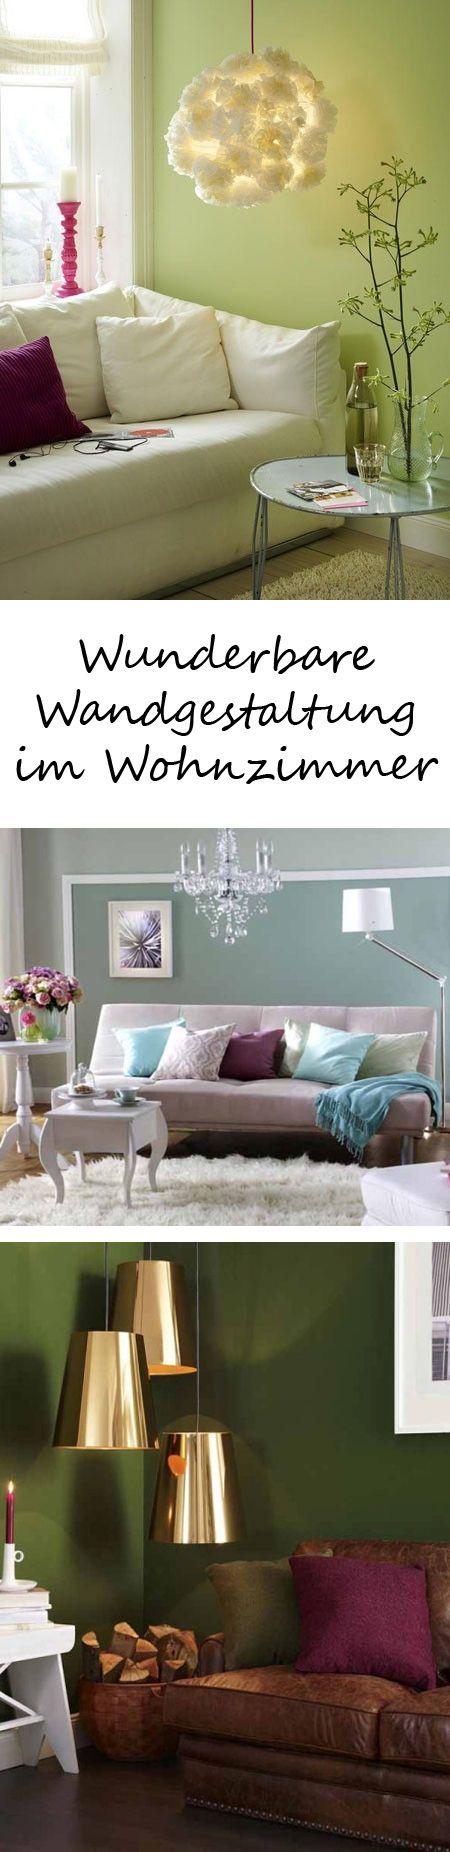 Wandgestaltung bringt Leben in Ihr Zuhause. Wir geben Ihnen ein paar schöne Inspirationen zum Lospinseln >>>